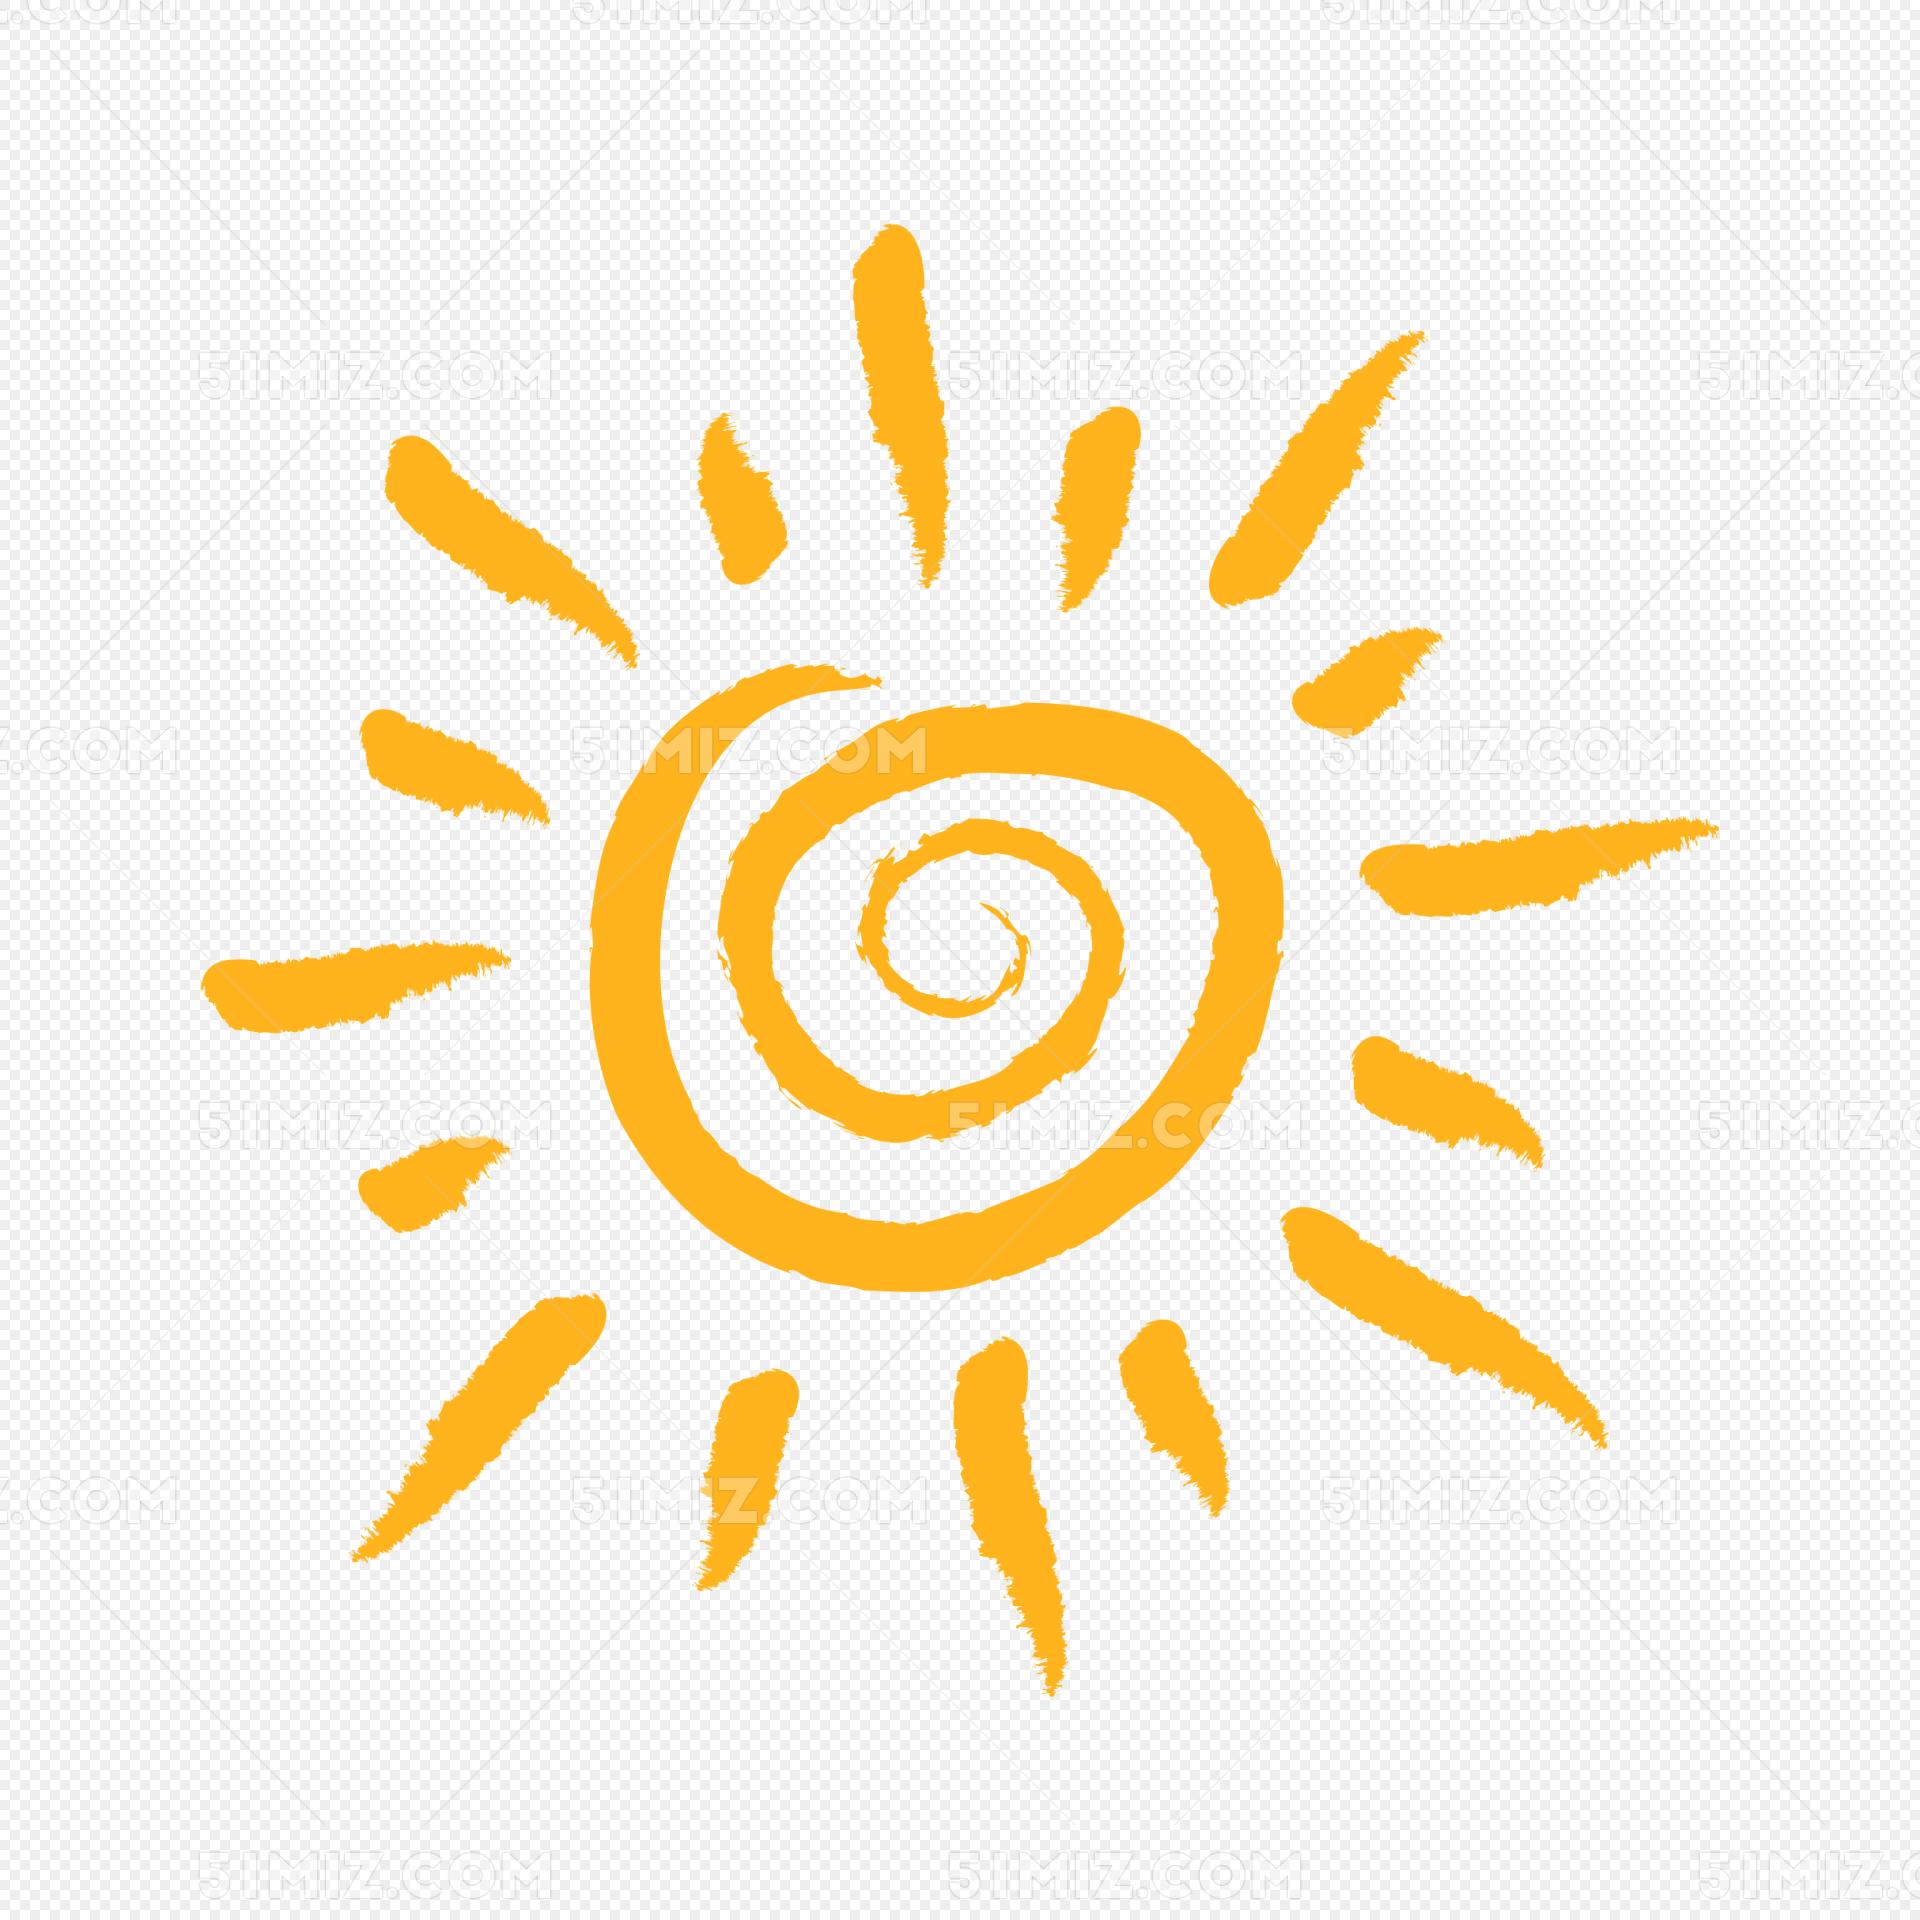 橙色手绘太阳矢量素材手绘简笔画太阳天气晴